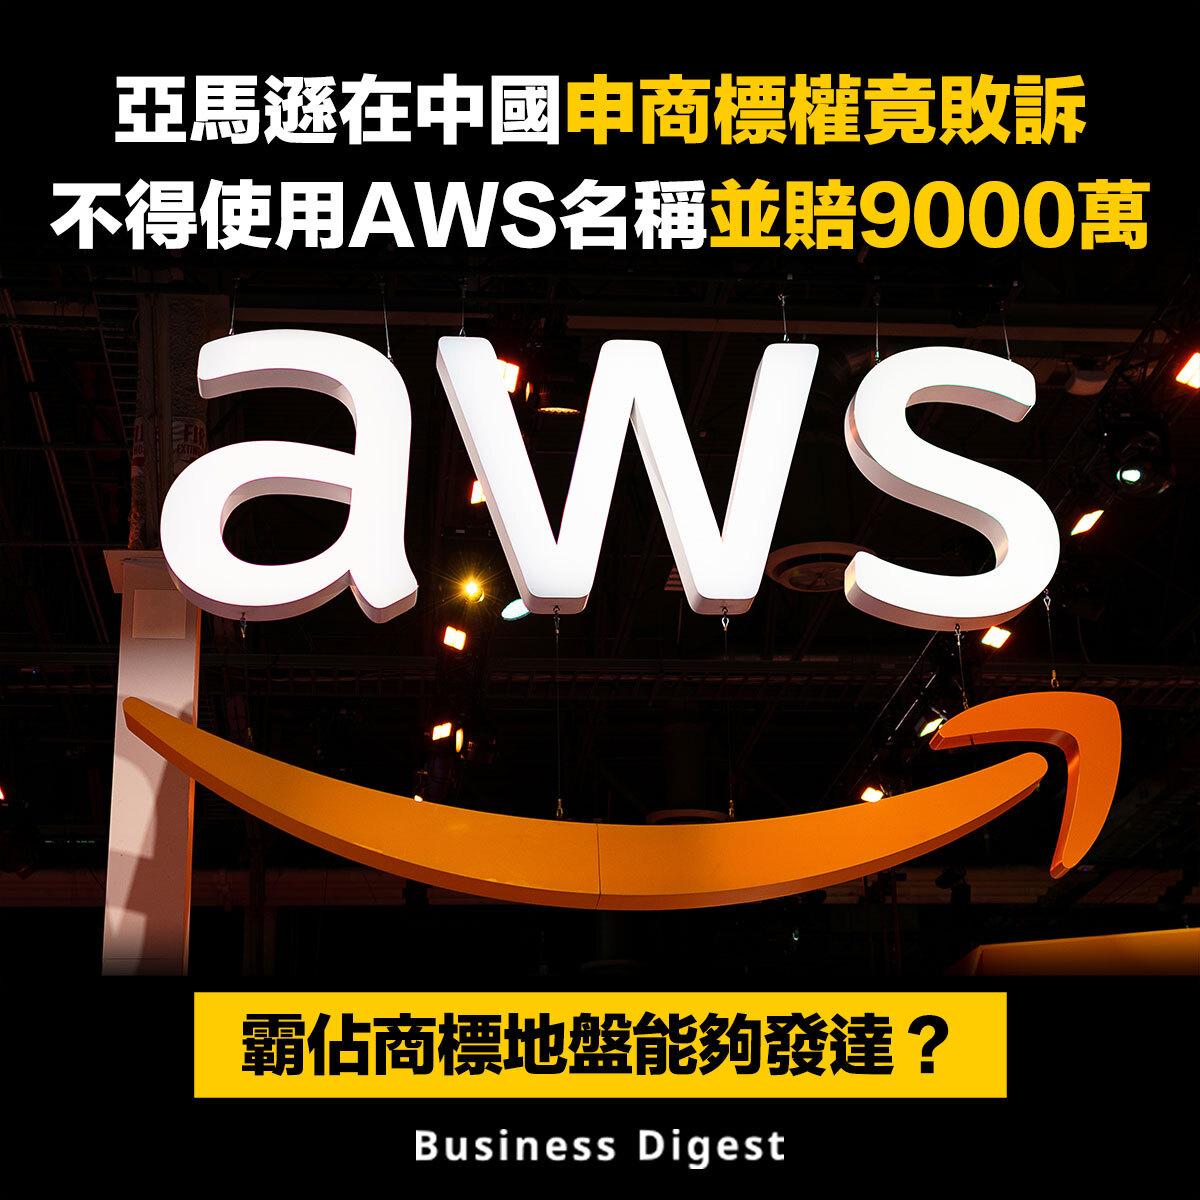 亞馬遜在中國申商標竟敗訴,不得使用AWS名稱並賠9000萬元